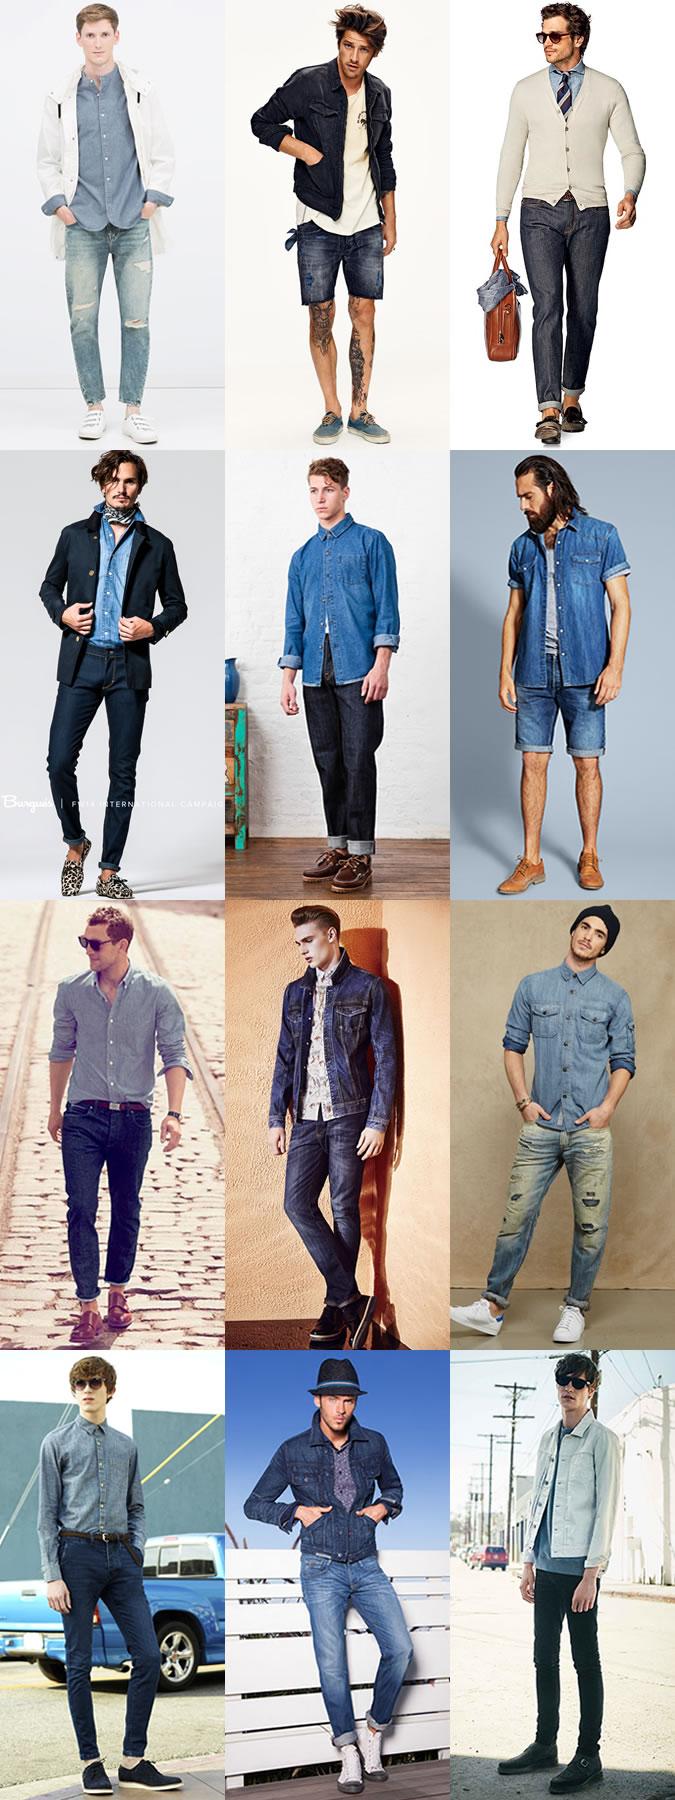 کاتالوگ لباس های جین